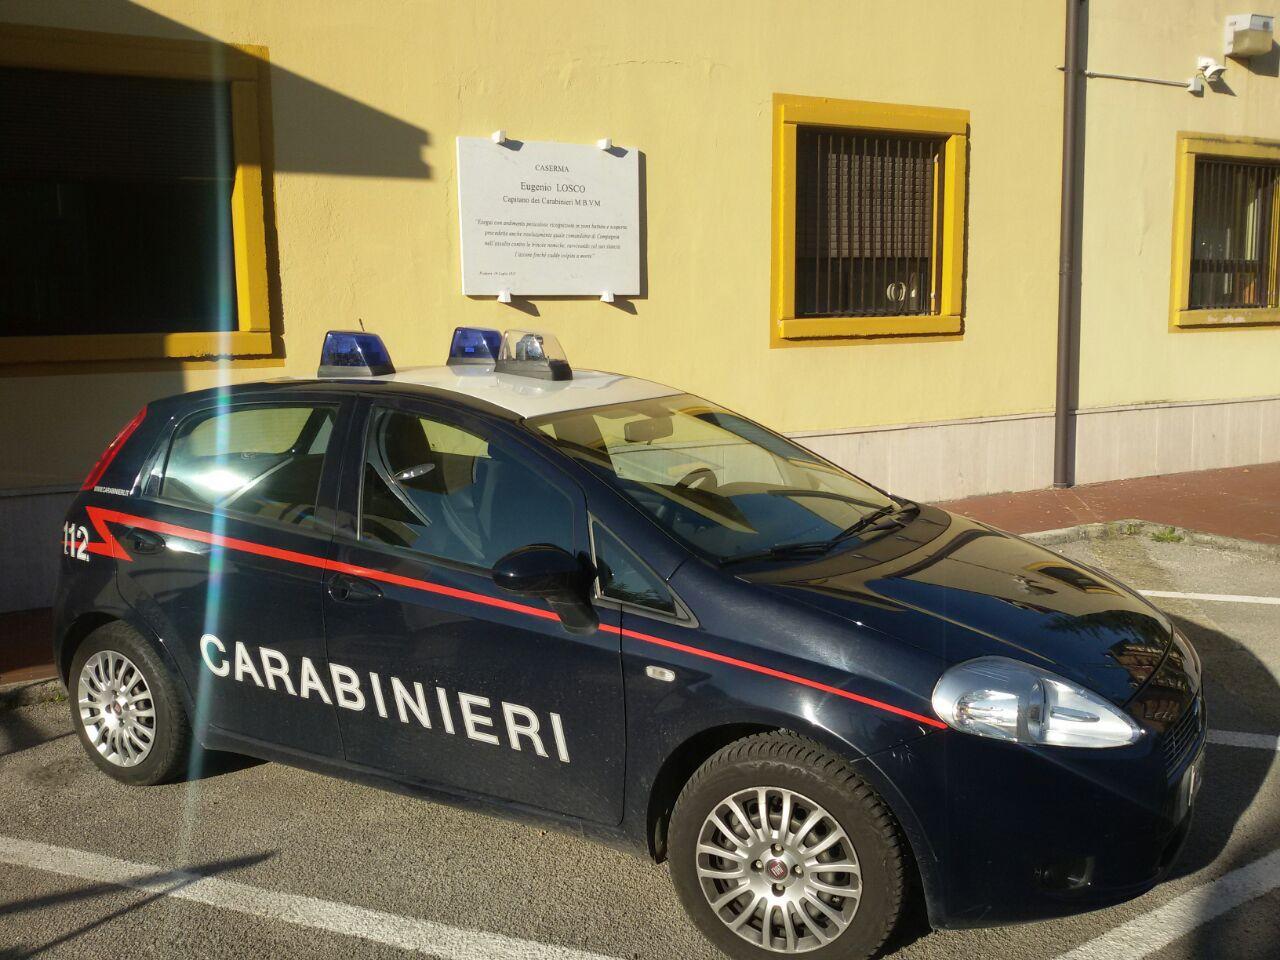 Stazione carabinieri atripalda, auto